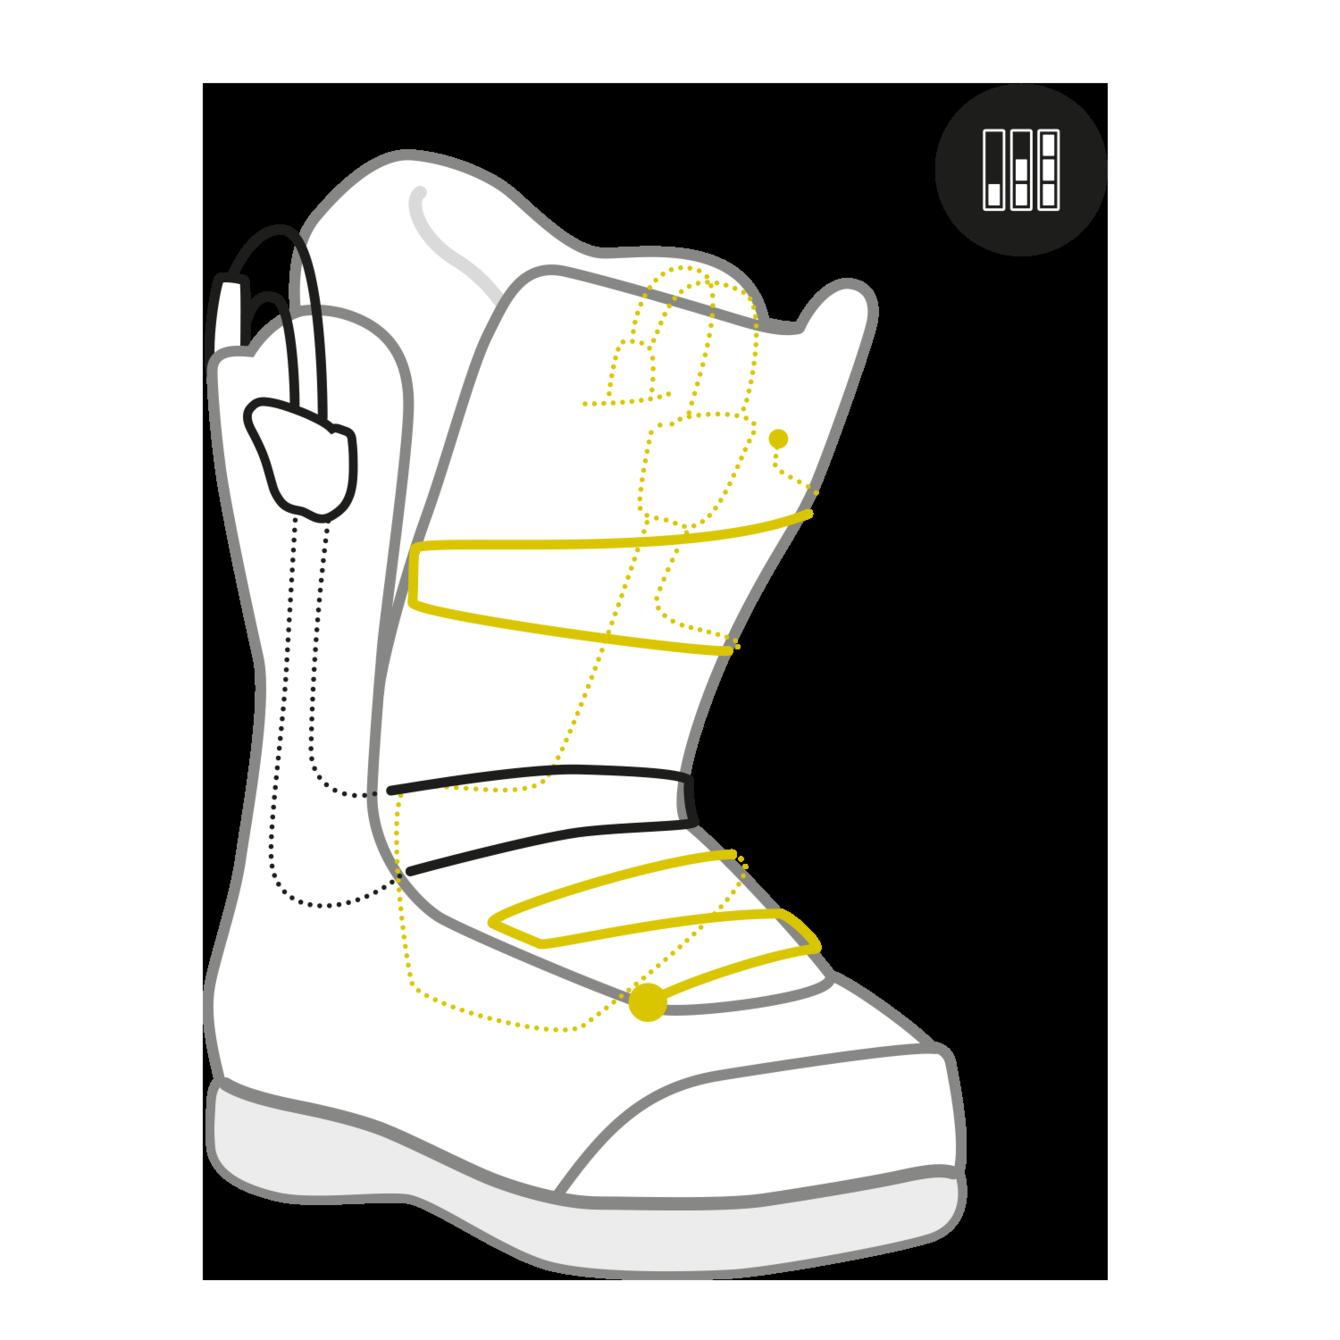 Lacing systems c. Lace clipart shoe lace